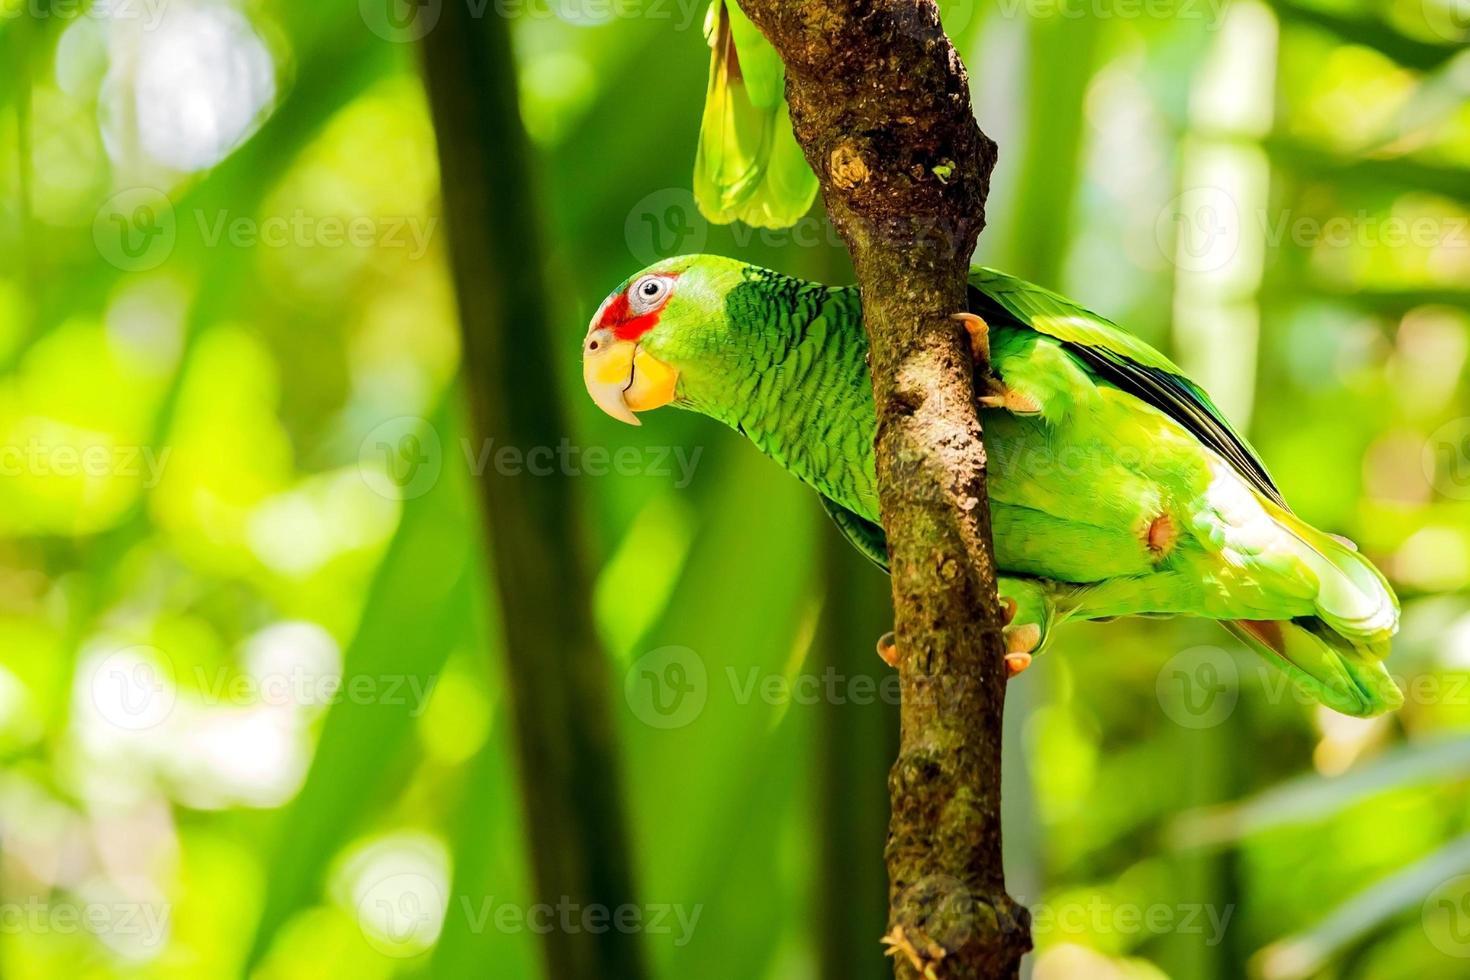 ritratto di pappagallo dalla fronte bianca foto